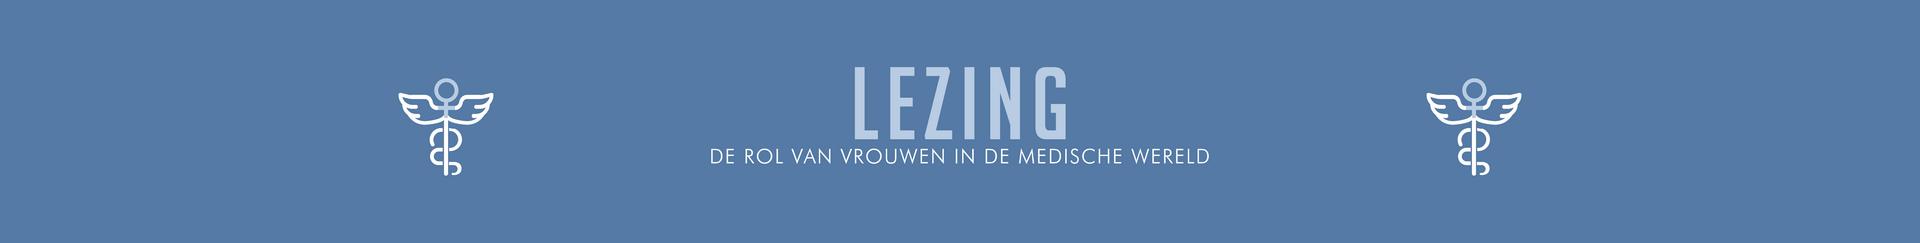 Lezing: De rol van vrouwen in de medische wereld